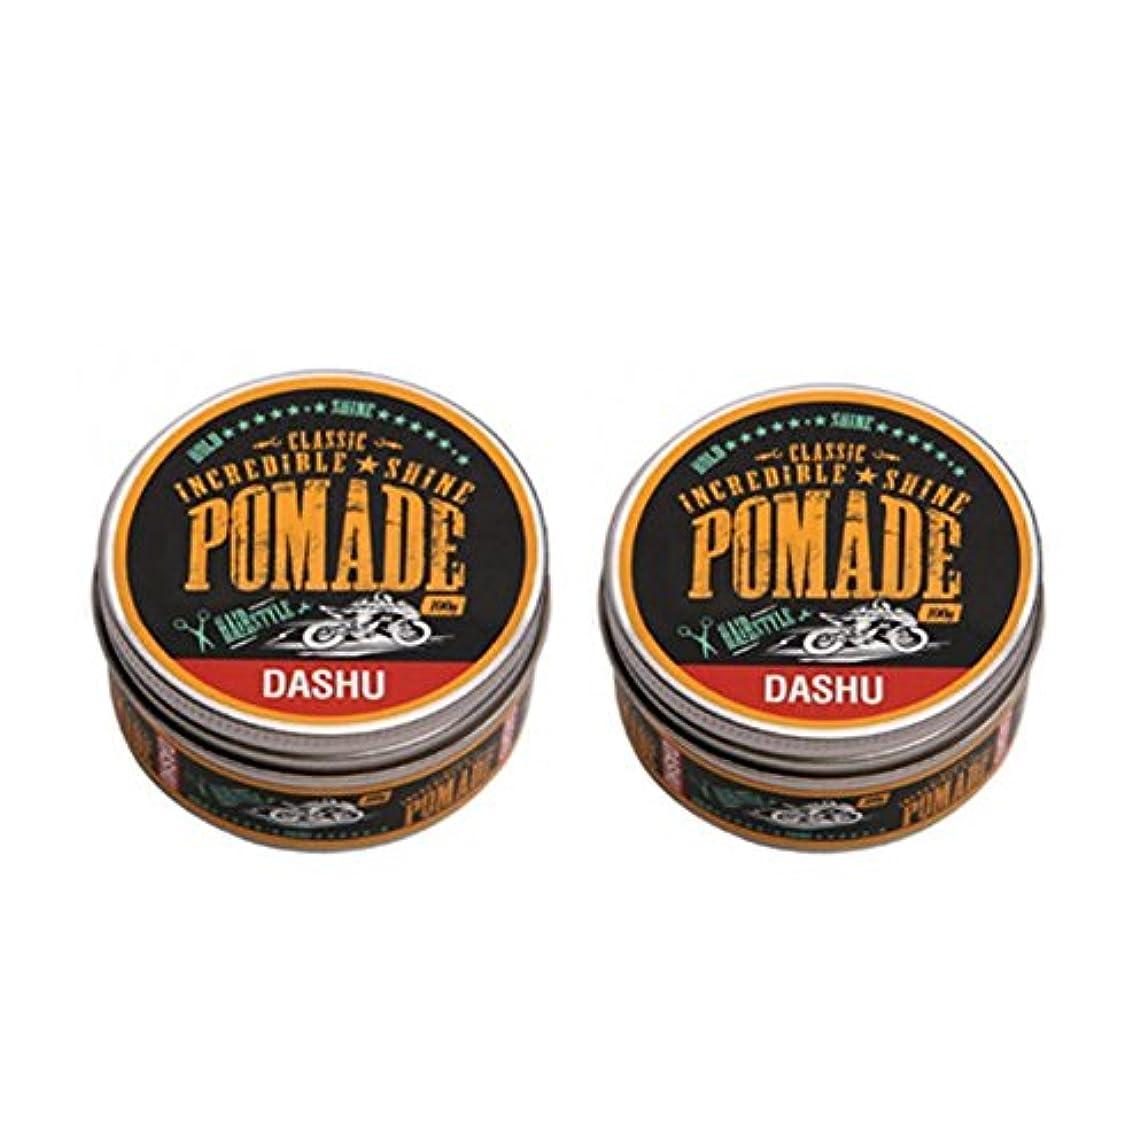 ギャングスター能力伝染病(2個セット) x [DASHU] ダシュ クラシック 信じられないほどの輝き ポマードワックス Classic Incredible Shine Pomade Hair Wax 100ml / 韓国製 . 韓国直送品